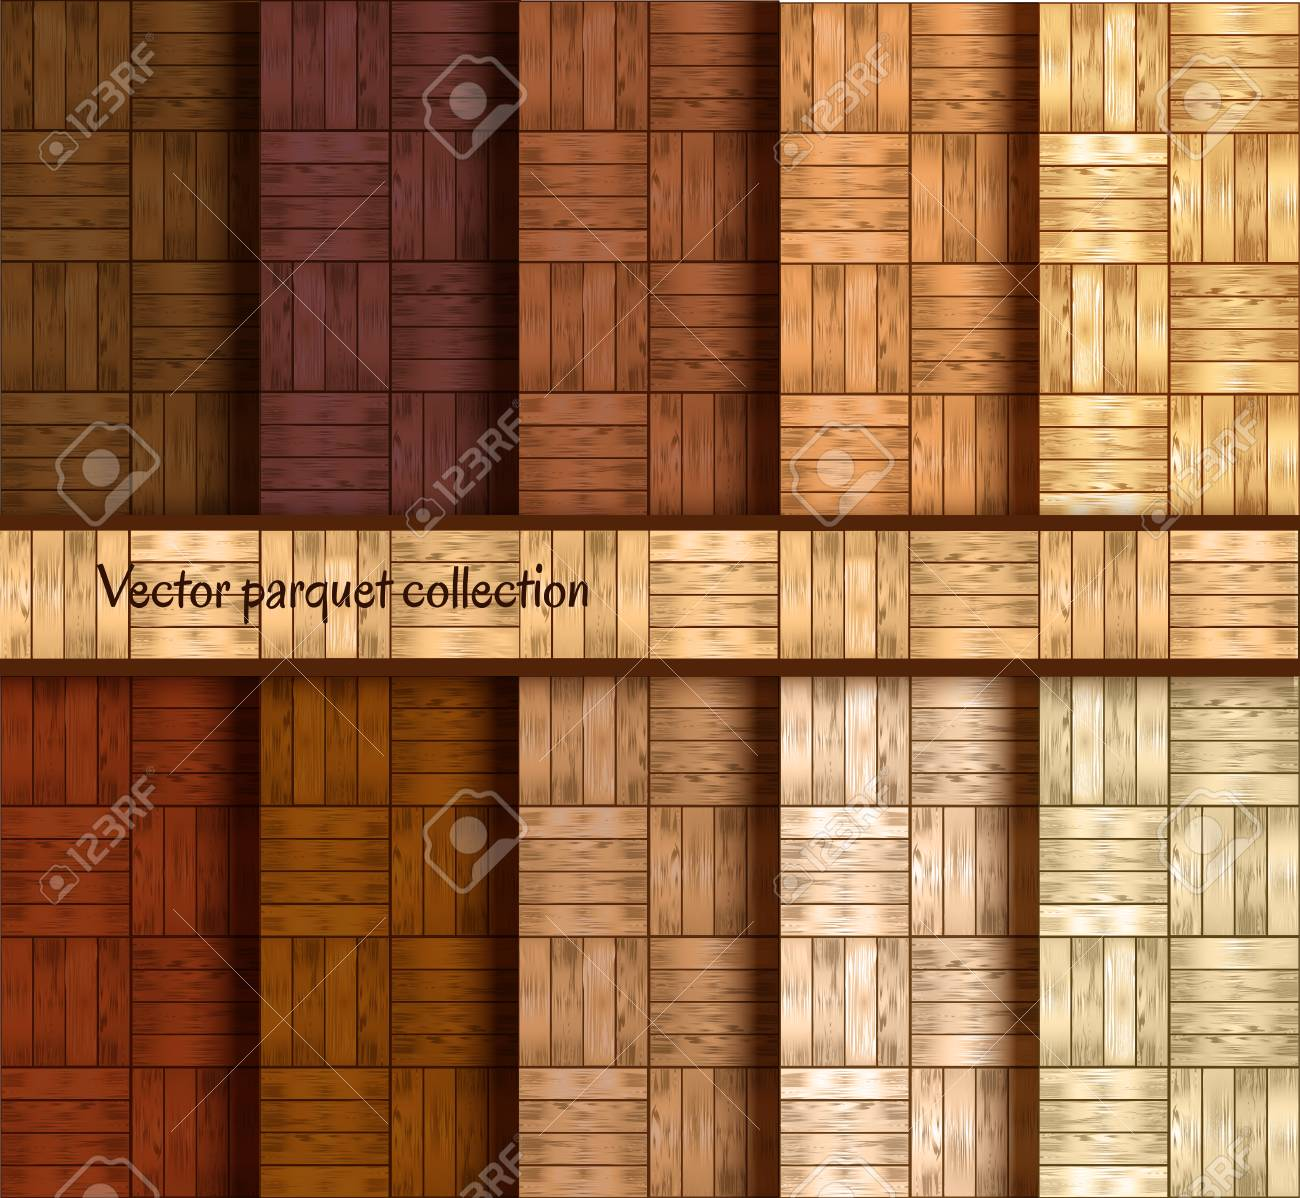 Parkettmuster Parkett Muster Bodengestaltung Holz Muster